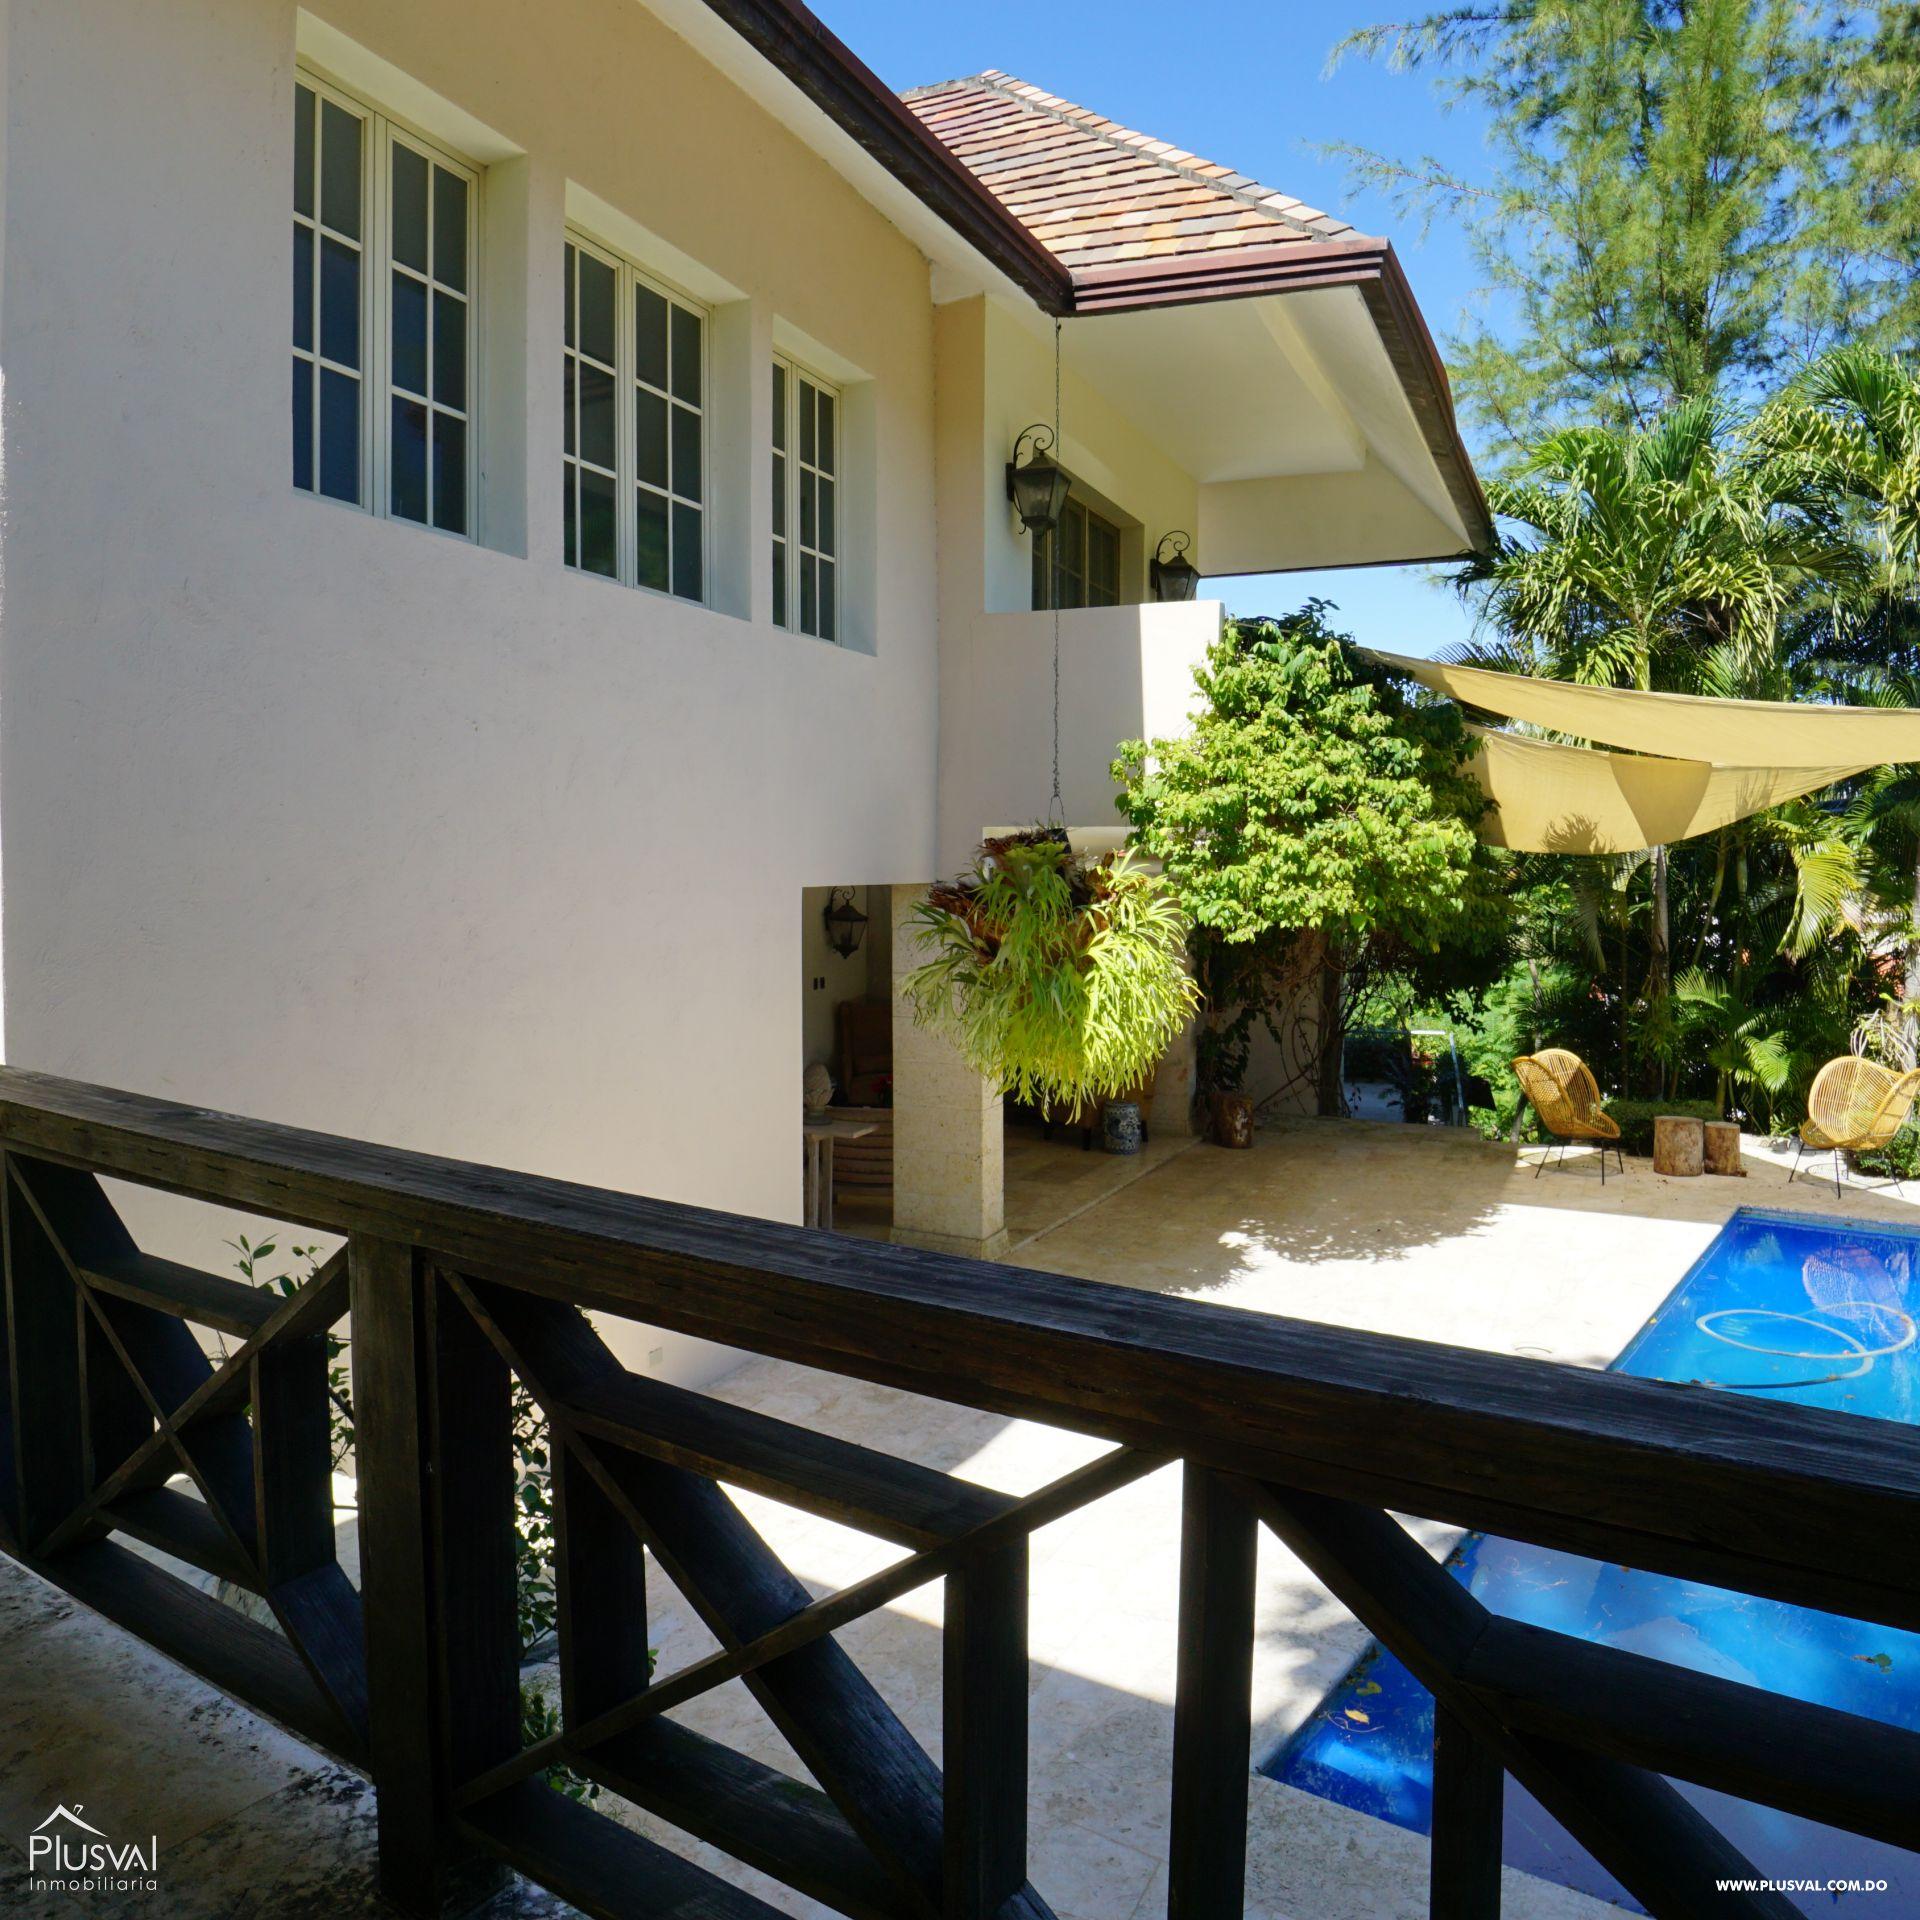 Casa de lujo en venta Arroyo Hondo Viejo 165326